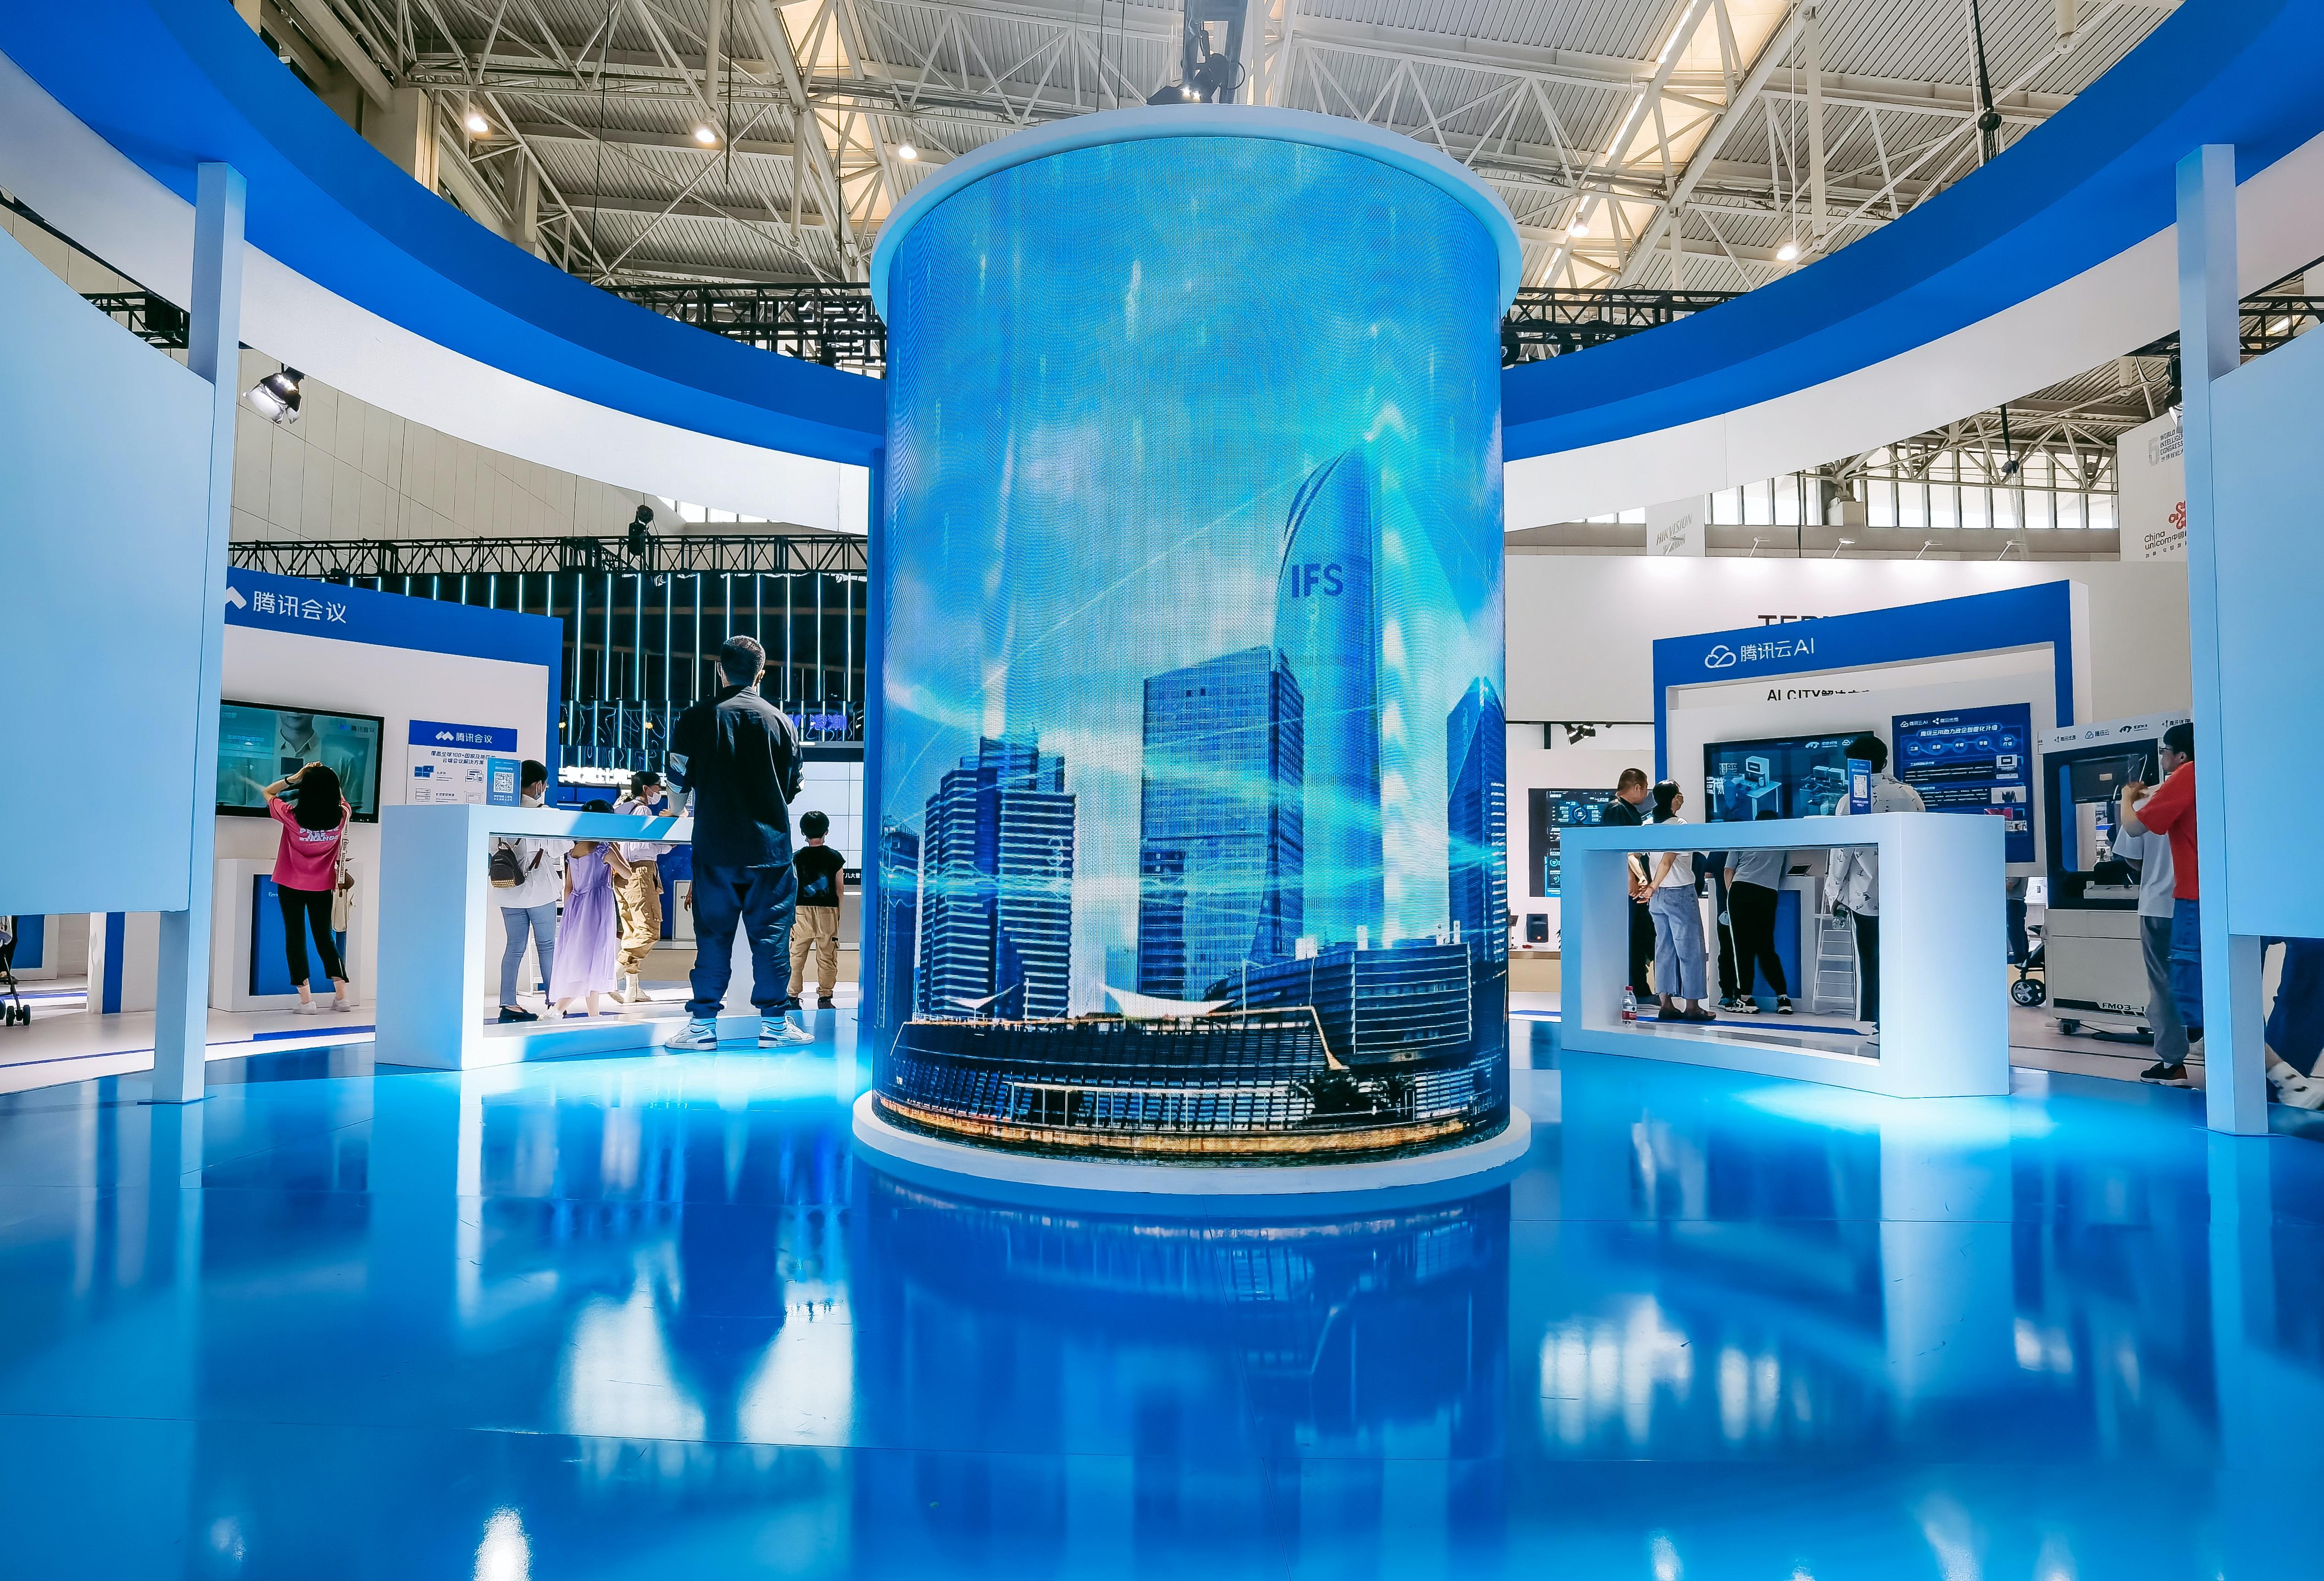 circular-exhibitor-booth-at-a-trade-show